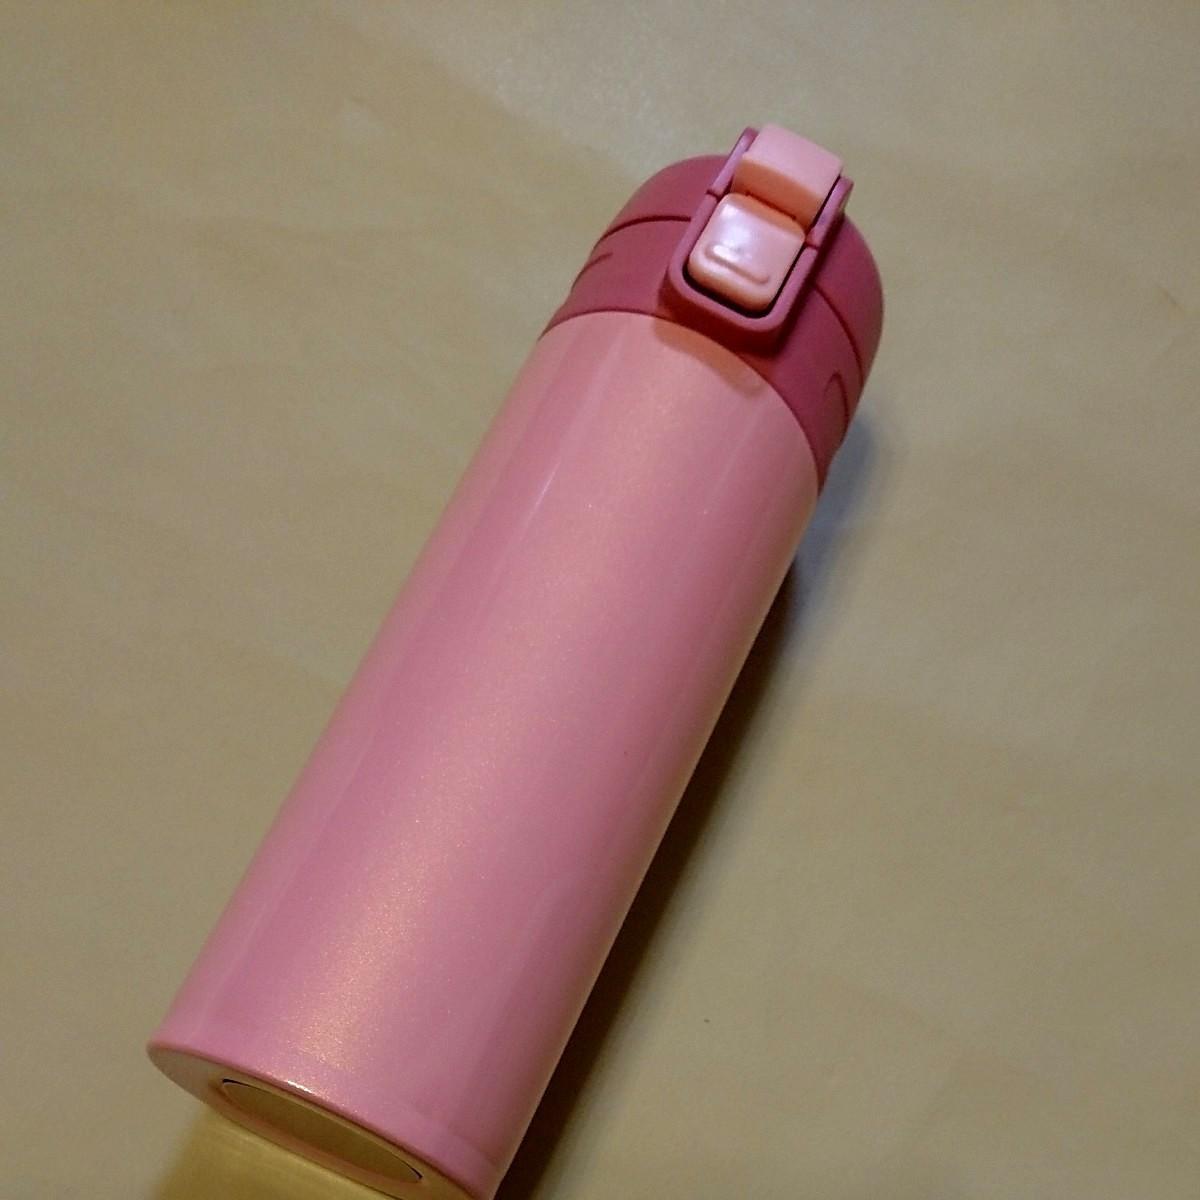 軽い コンパクト ステンレス ワンタッチ マグボトル ピンク 1本 保温 保冷 水筒 ステンレスボトル ステンレスマグ  水筒